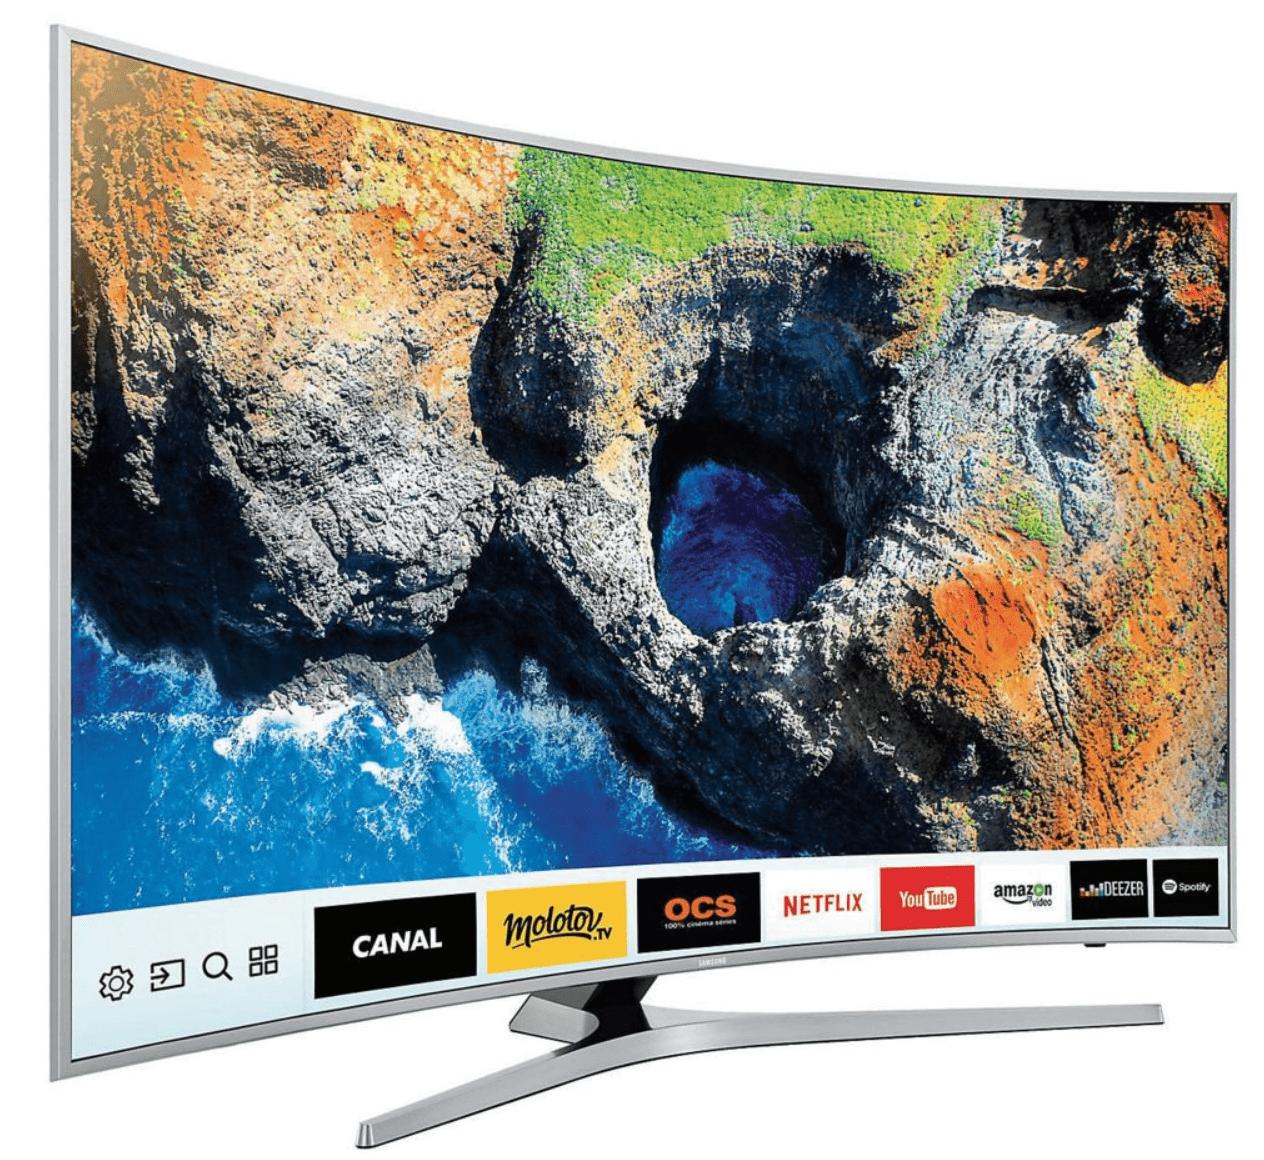 Pour exemple, la Samsung TV LED 4K HDR 49 pouces à forme incurvée est  disponible à ... d7f9150df83d